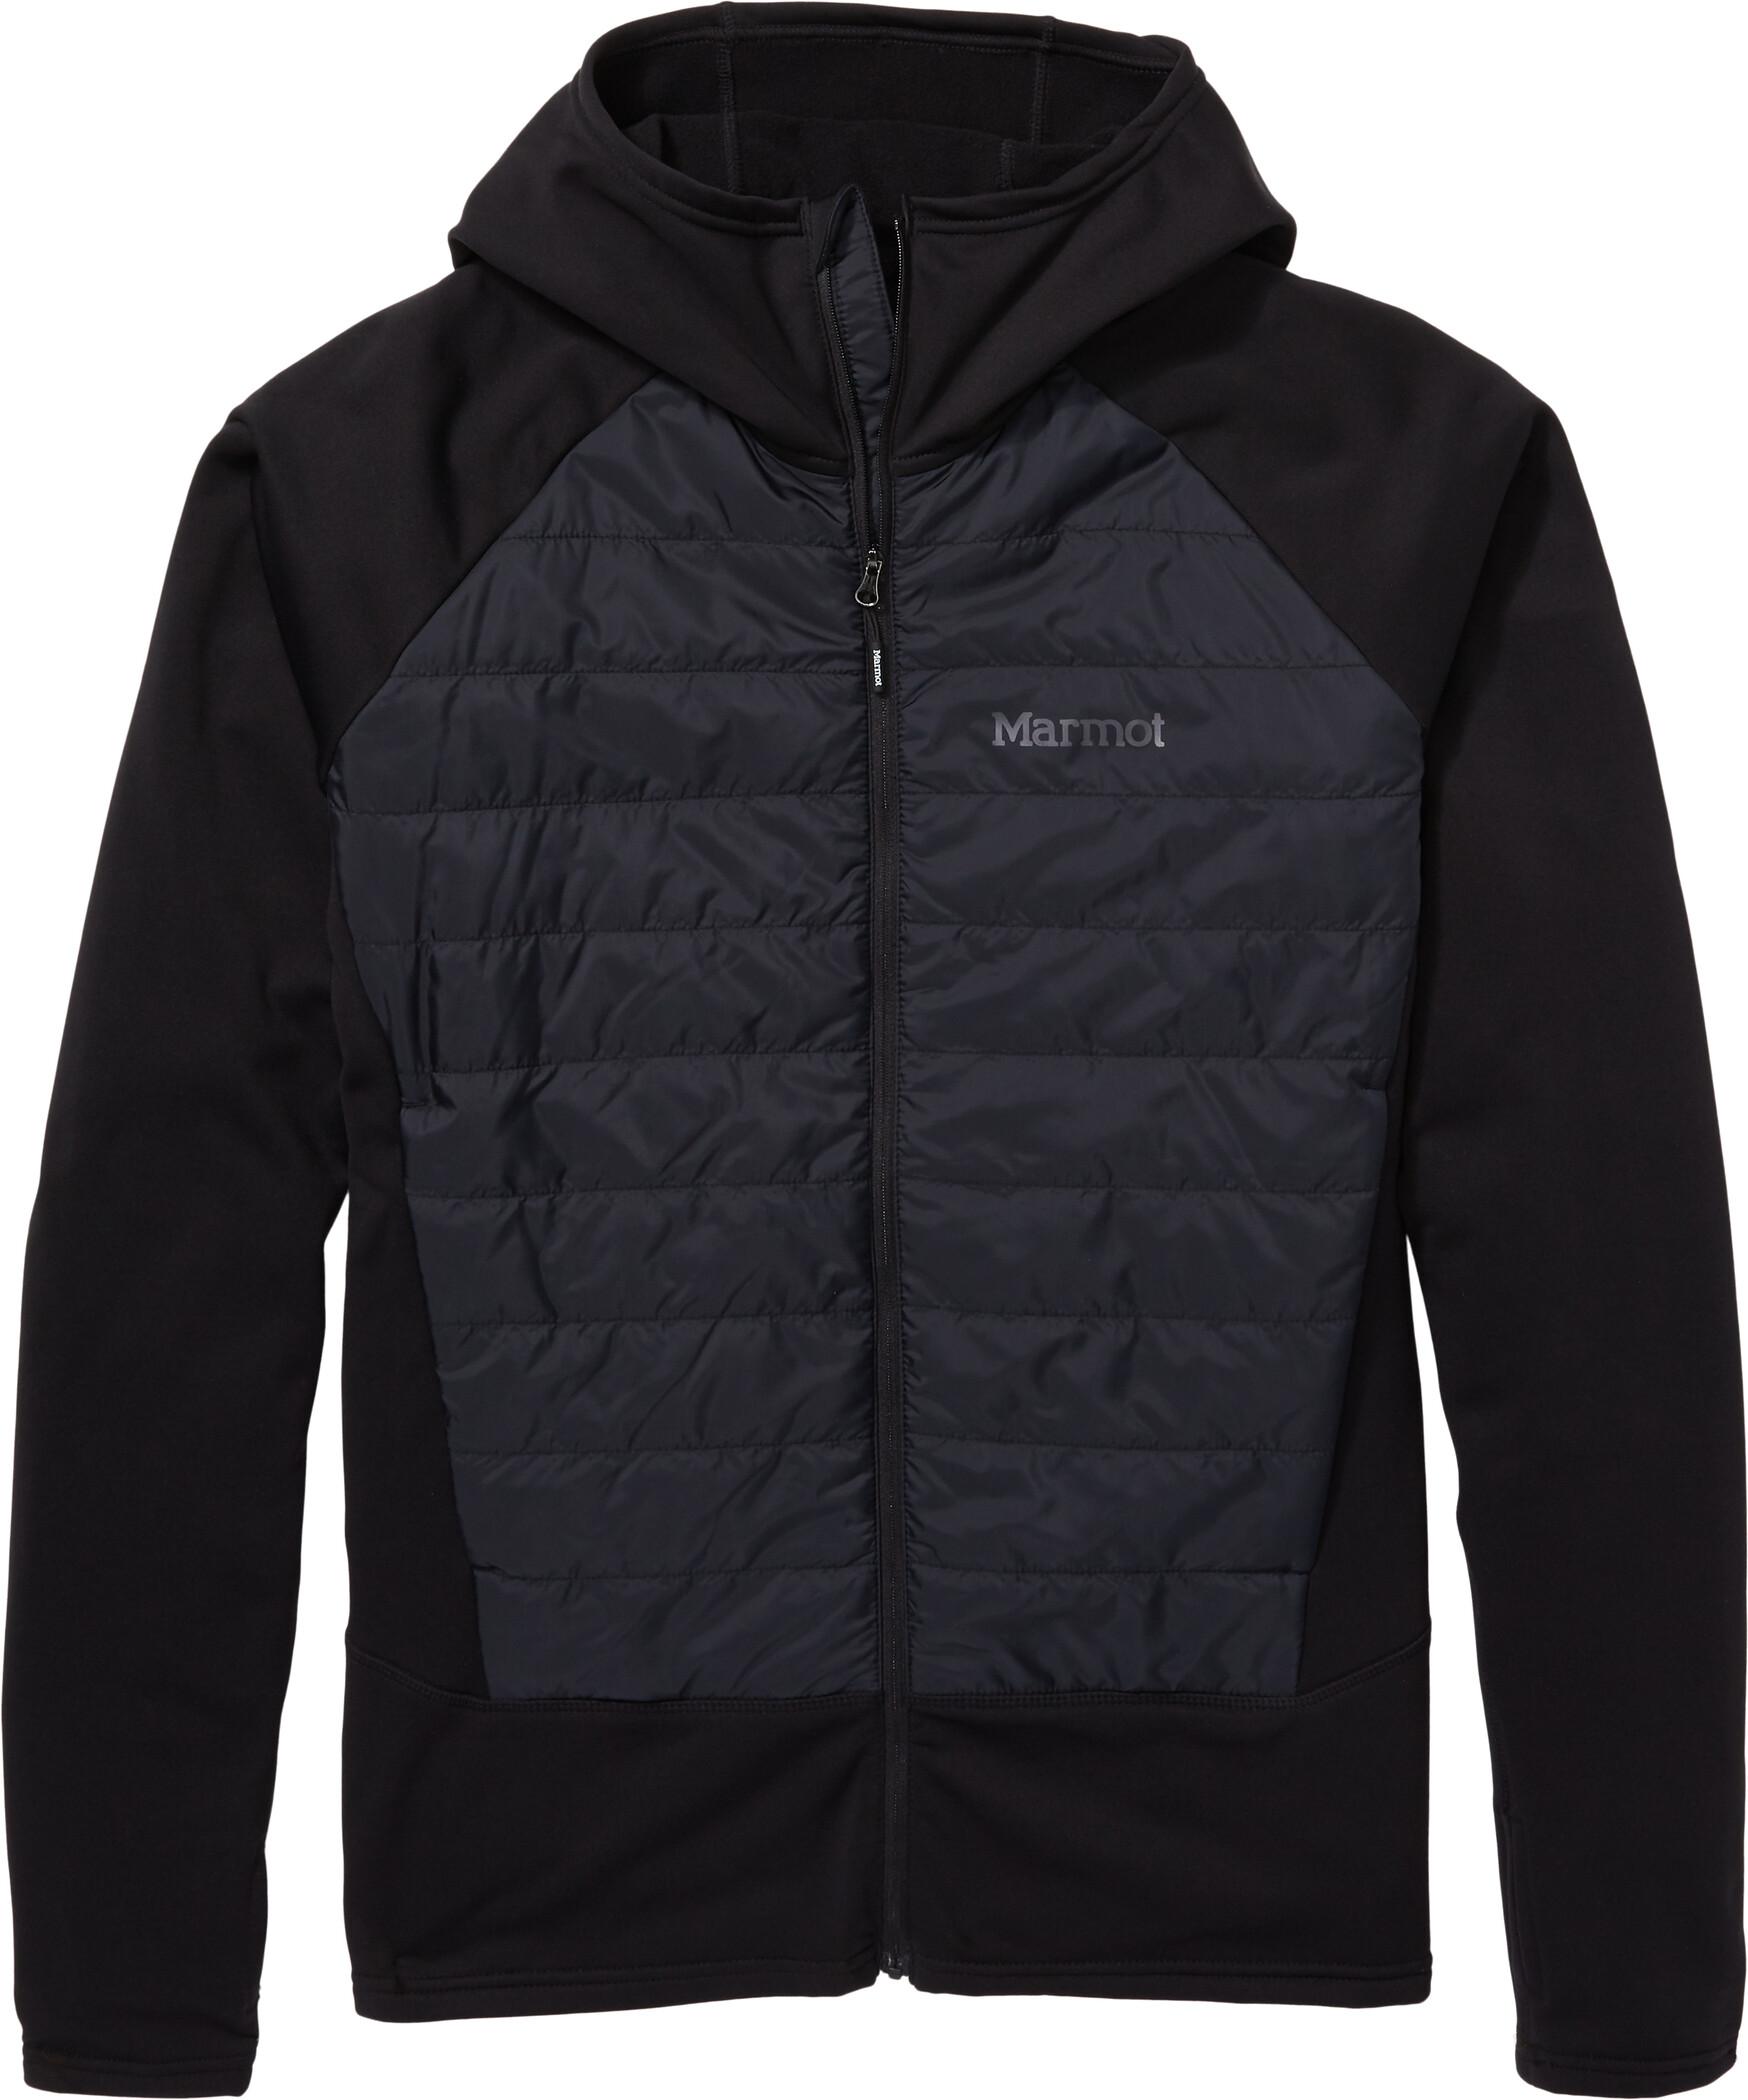 McKinley Hybrid W Hood jacka BLACK NIGHT Köp online hos